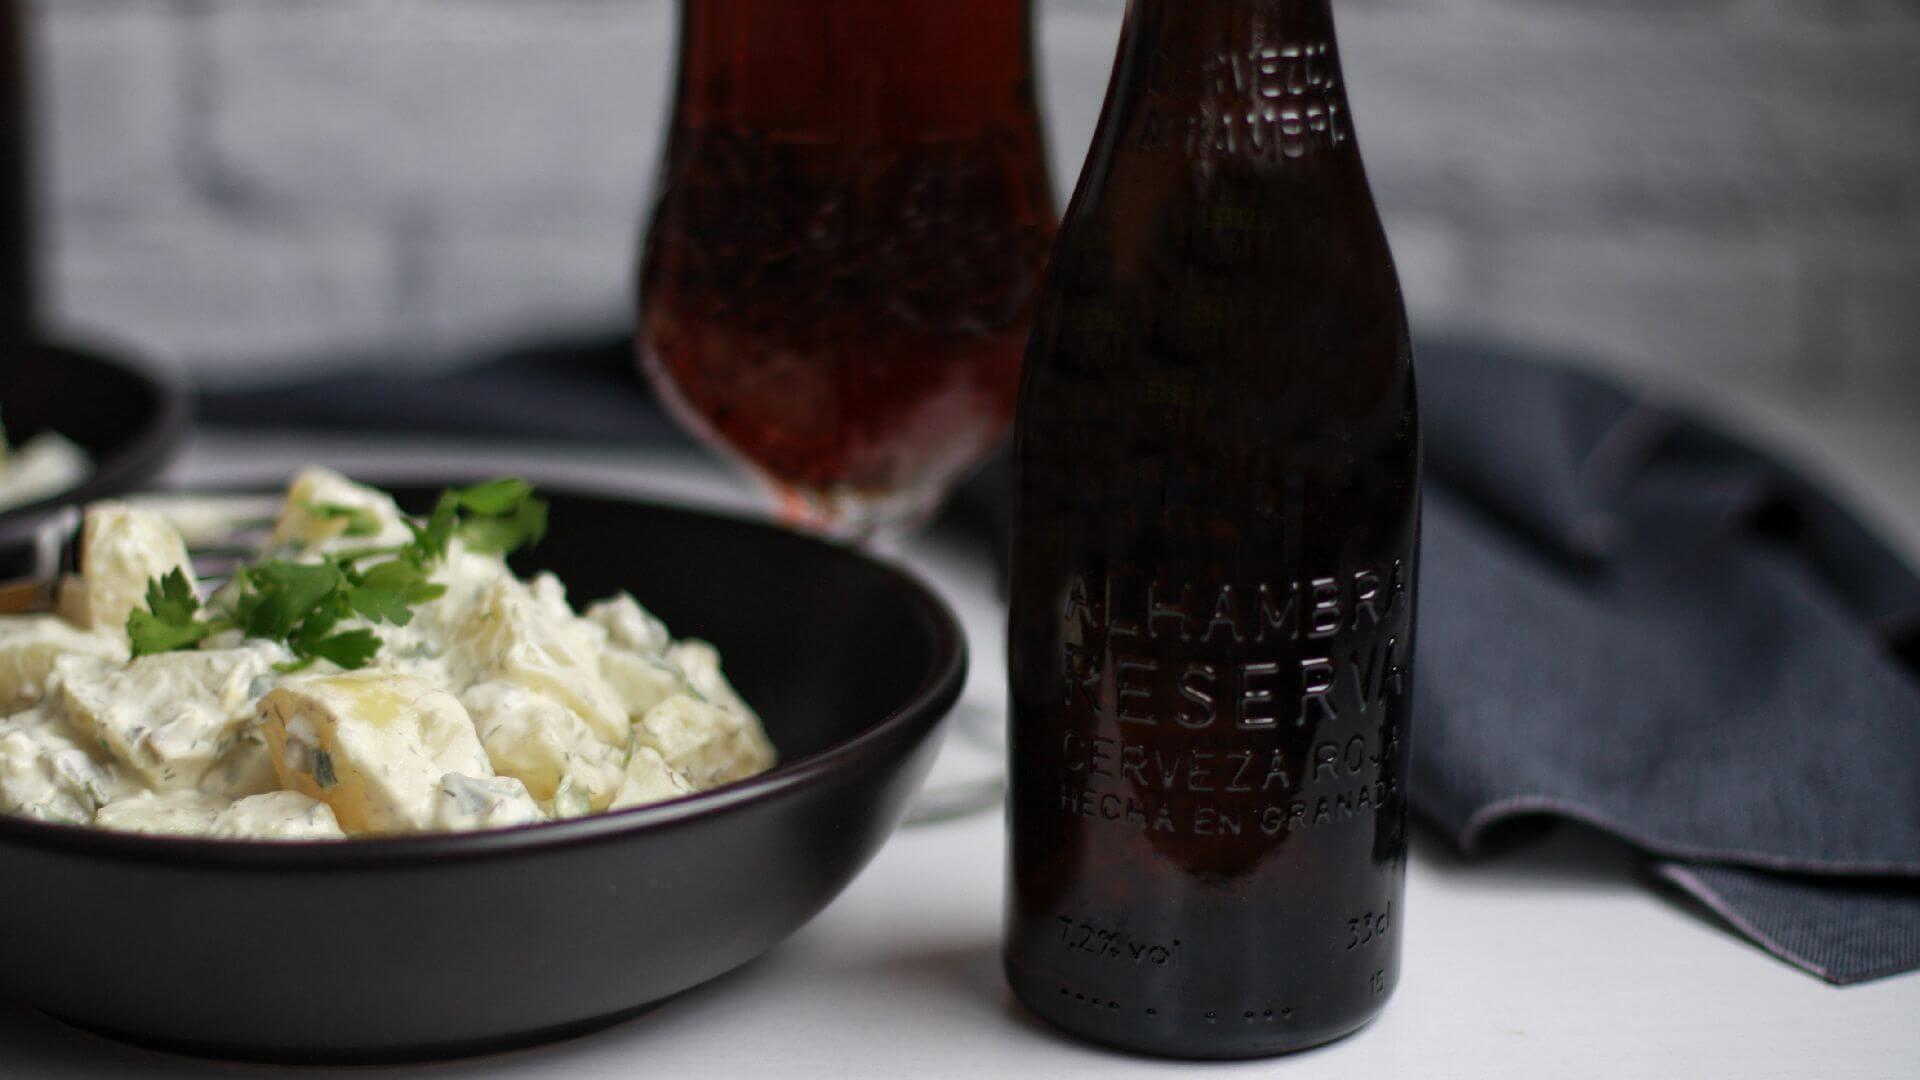 Ensalada de patata con aliño de yogur griego: un entrante y acompañamiento sin igual